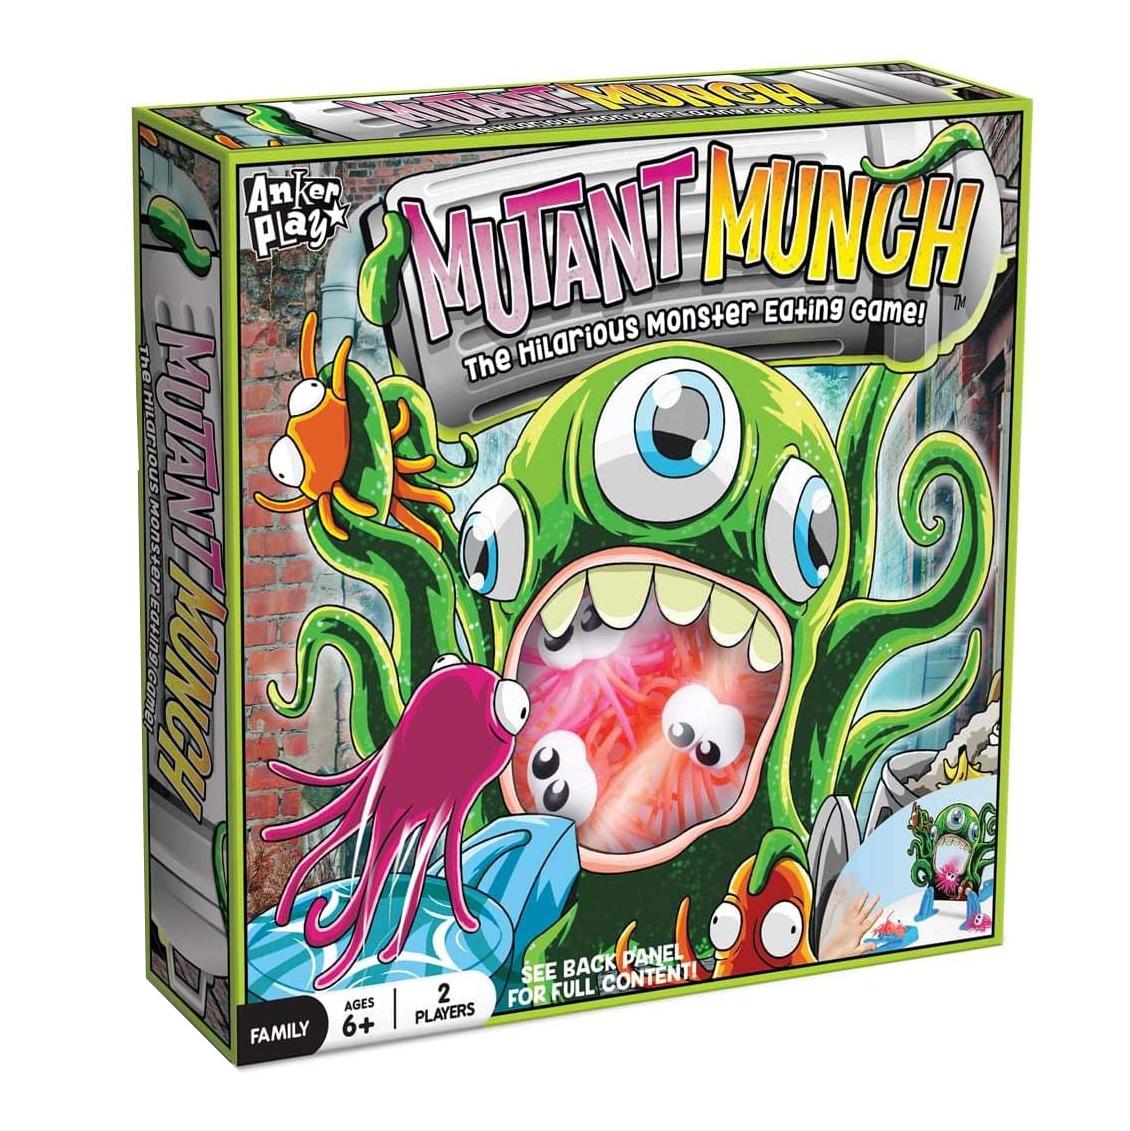 JUEGO  MUTAN  MUNCH  THE  HILARIOUS  MONTER  EATING  GAME